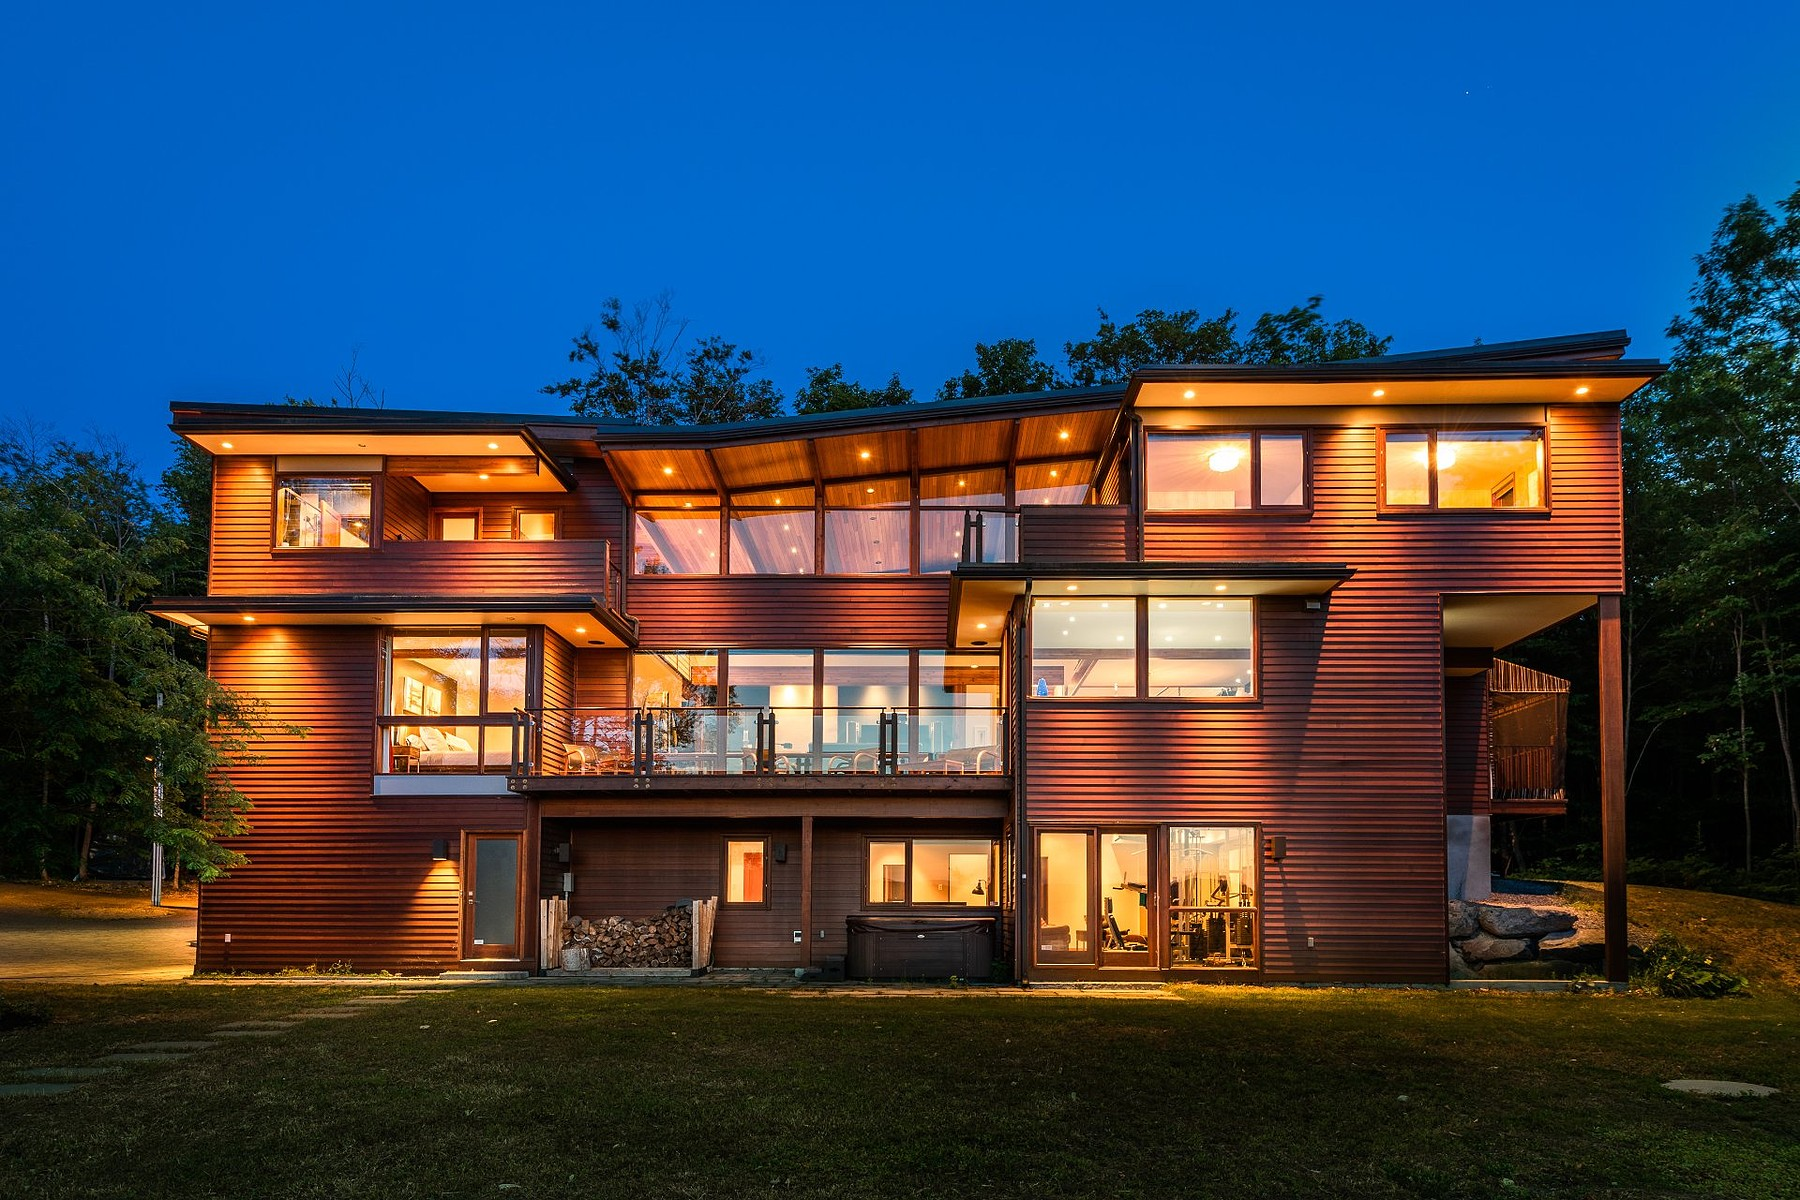 Single Family Homes for Sale at Prévost, Laurentides 1743 Ch. du Lac-Écho Prevost, Quebec J0R1T0 Canada